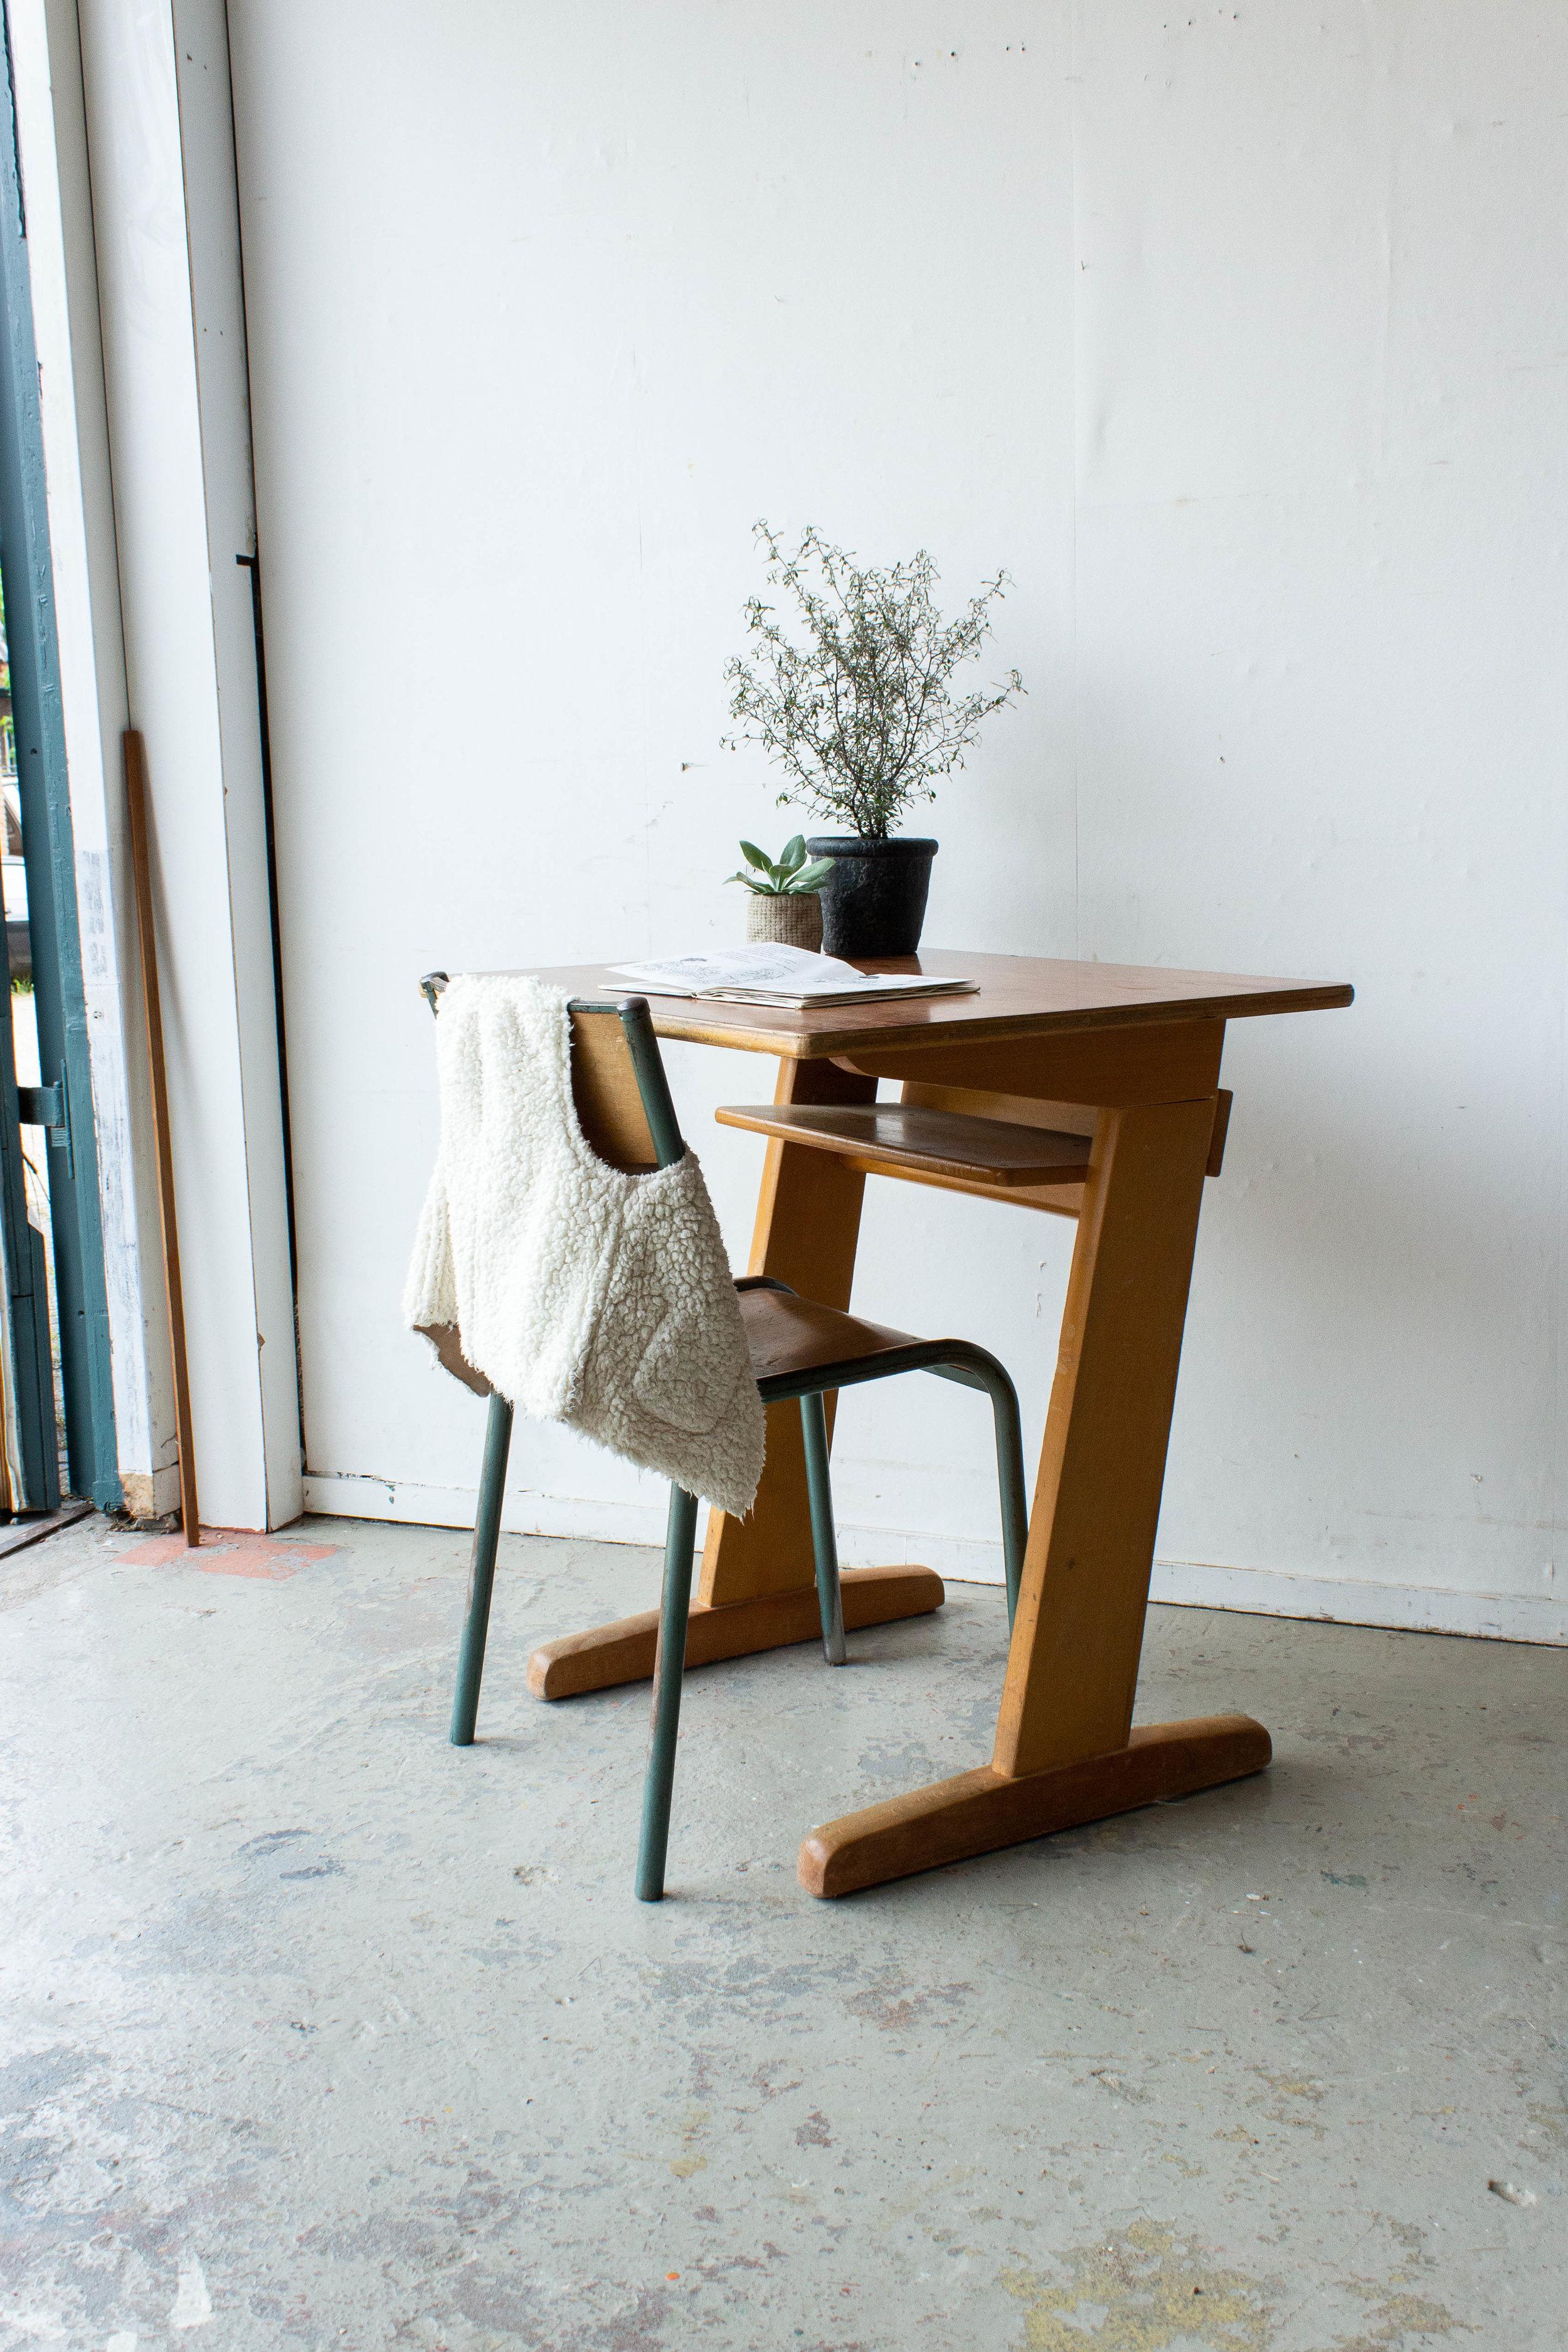 3157 - 1p houten schooltafel.jpg